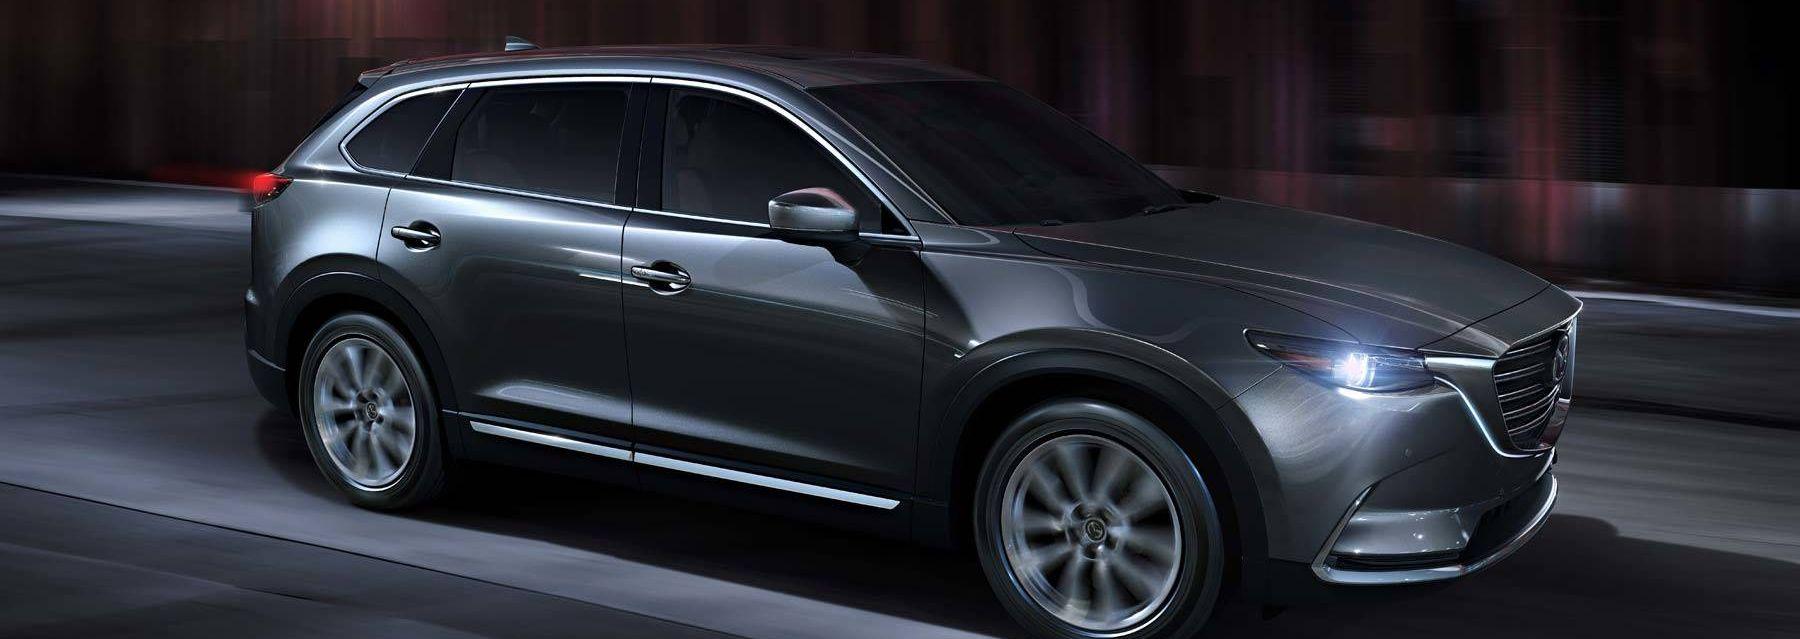 2019 Mazda CX-9 for Sale near Ann Arbor, MI